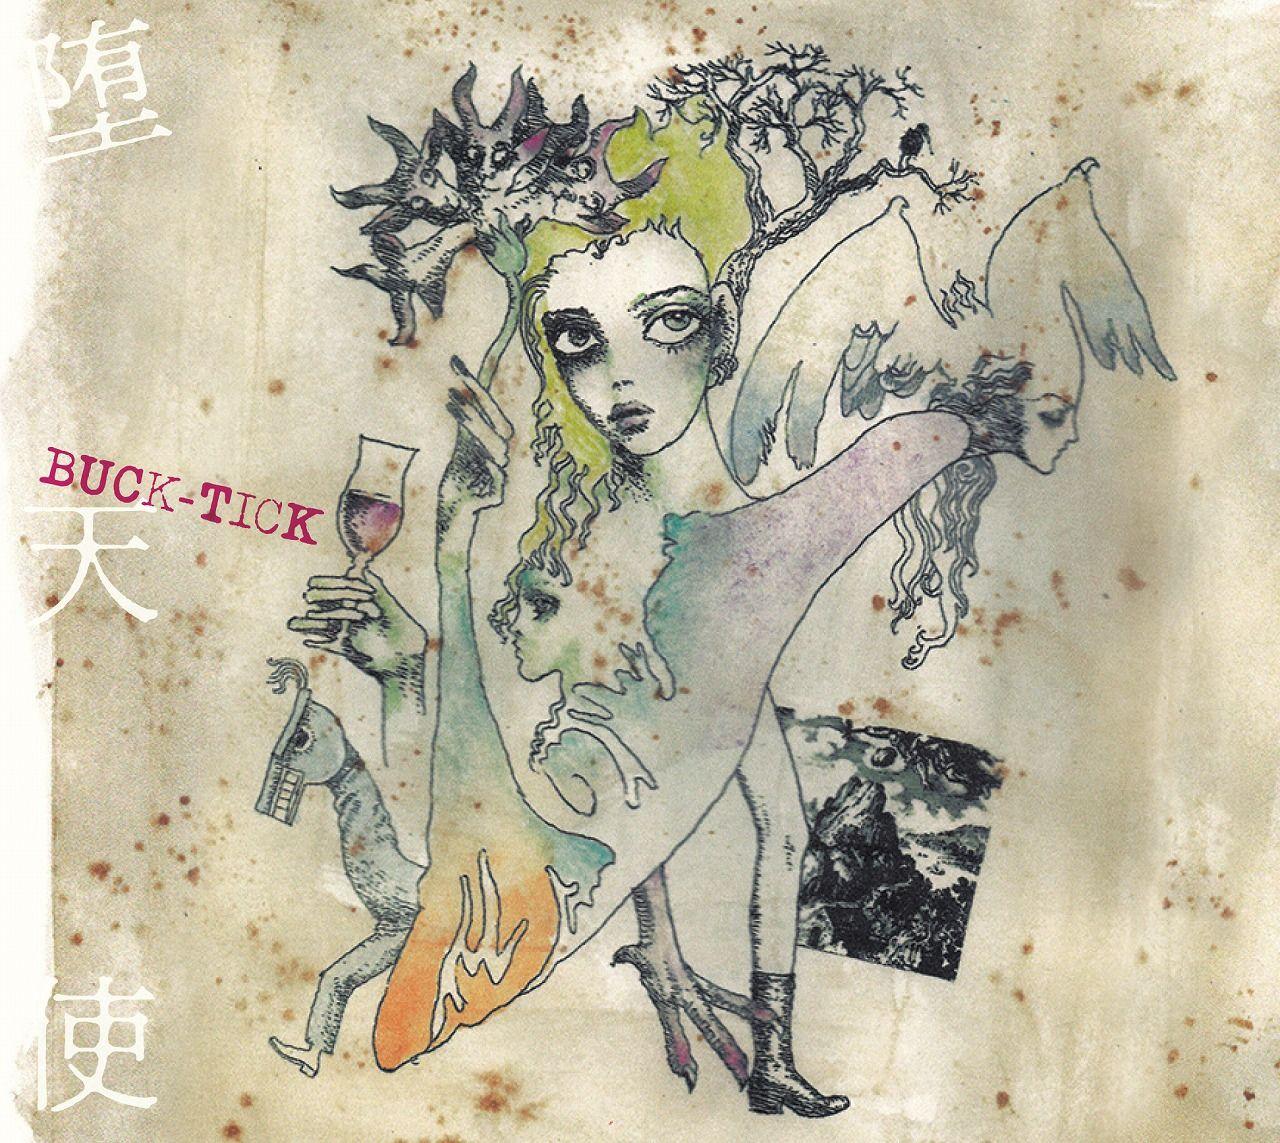 邦楽, ロック・ポップス  (B CDDVD) BUCK-TICK